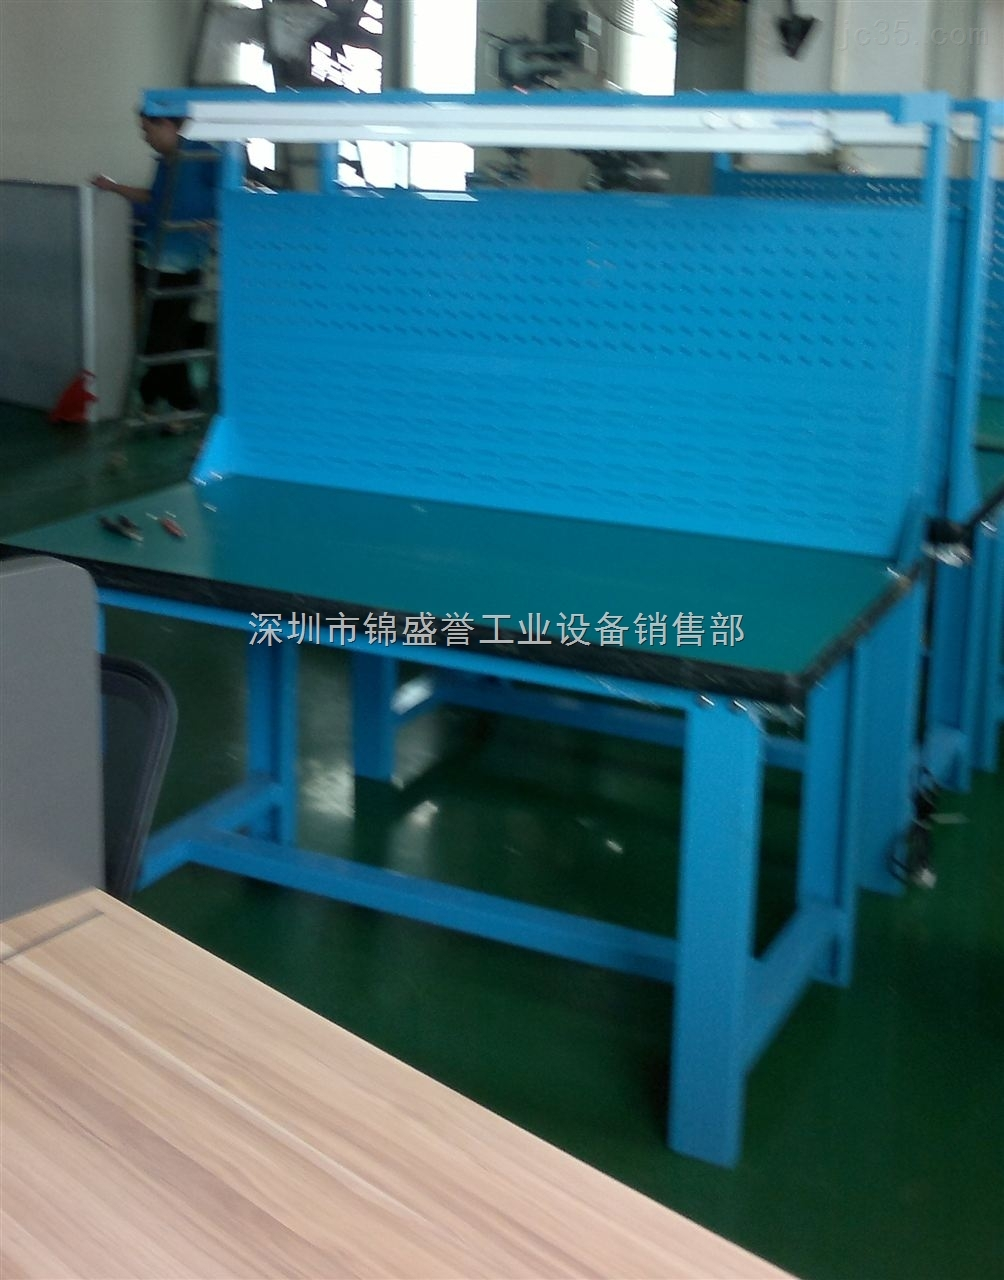 工作台。深圳专业工厂工作台定制商【复合板,不锈钢,钢板,铸铁,榉木】